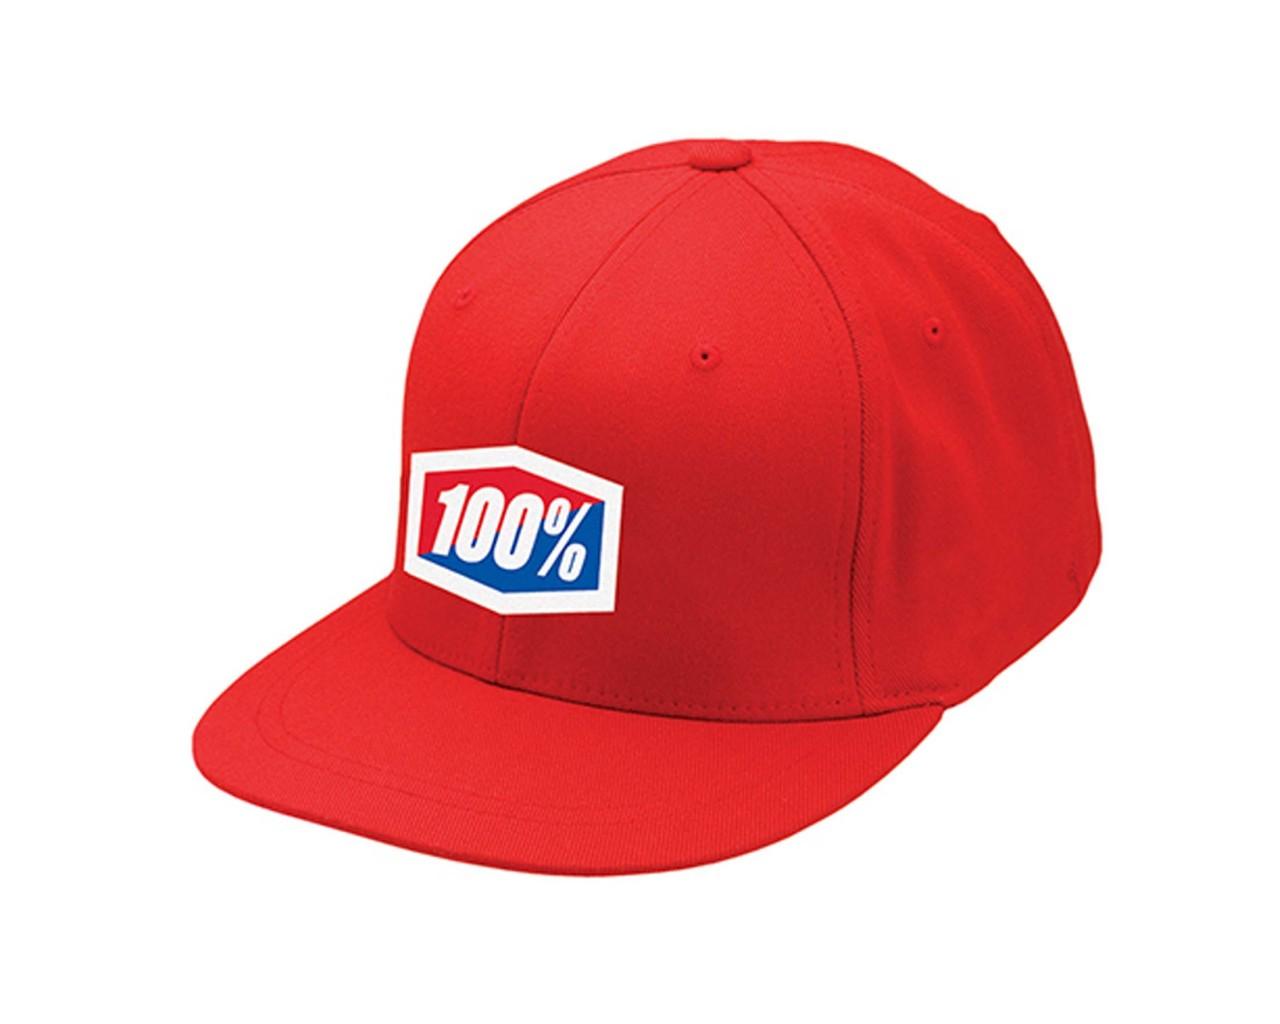 100% Official J-Fit Flexfit Hat | red